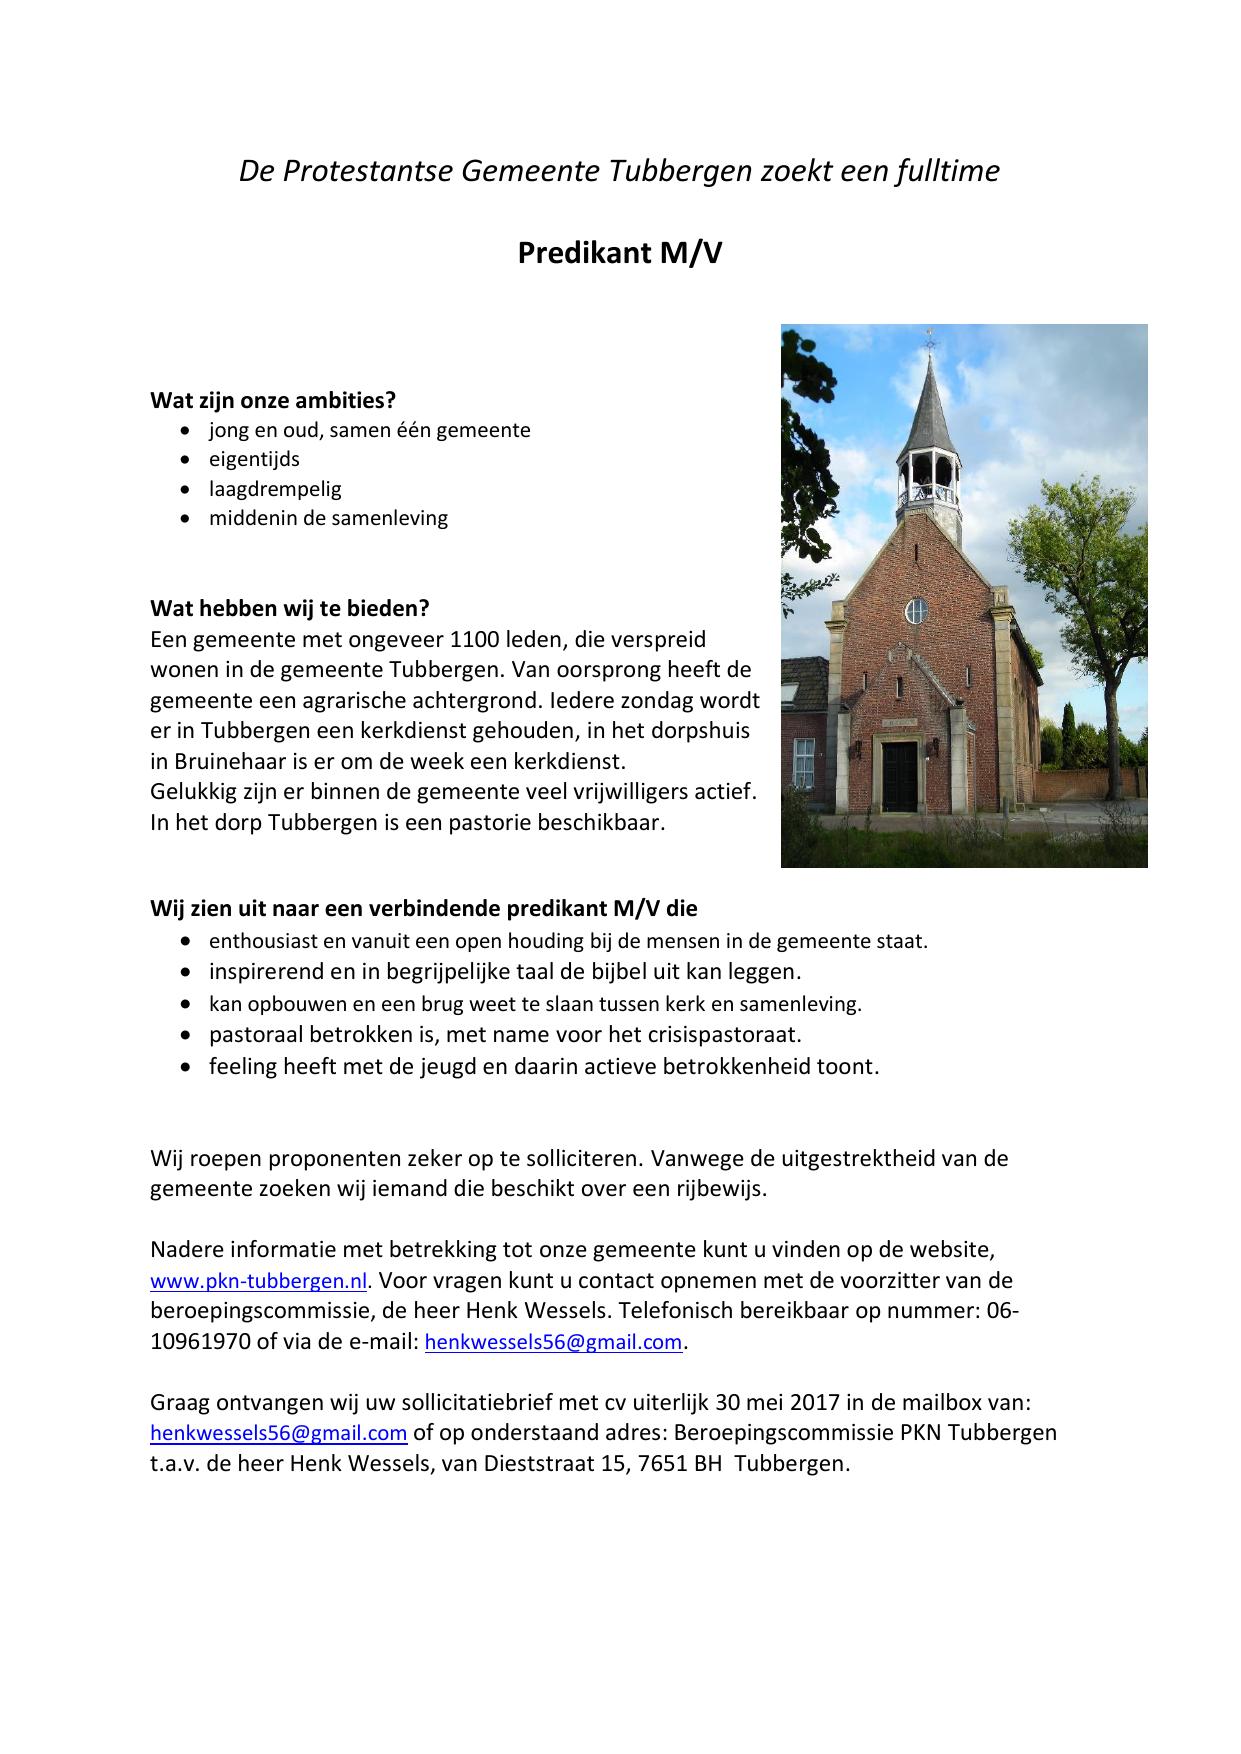 open sollicitatie gemeente De Protestantse Gemeente Tubbergen zoekt open sollicitatie gemeente